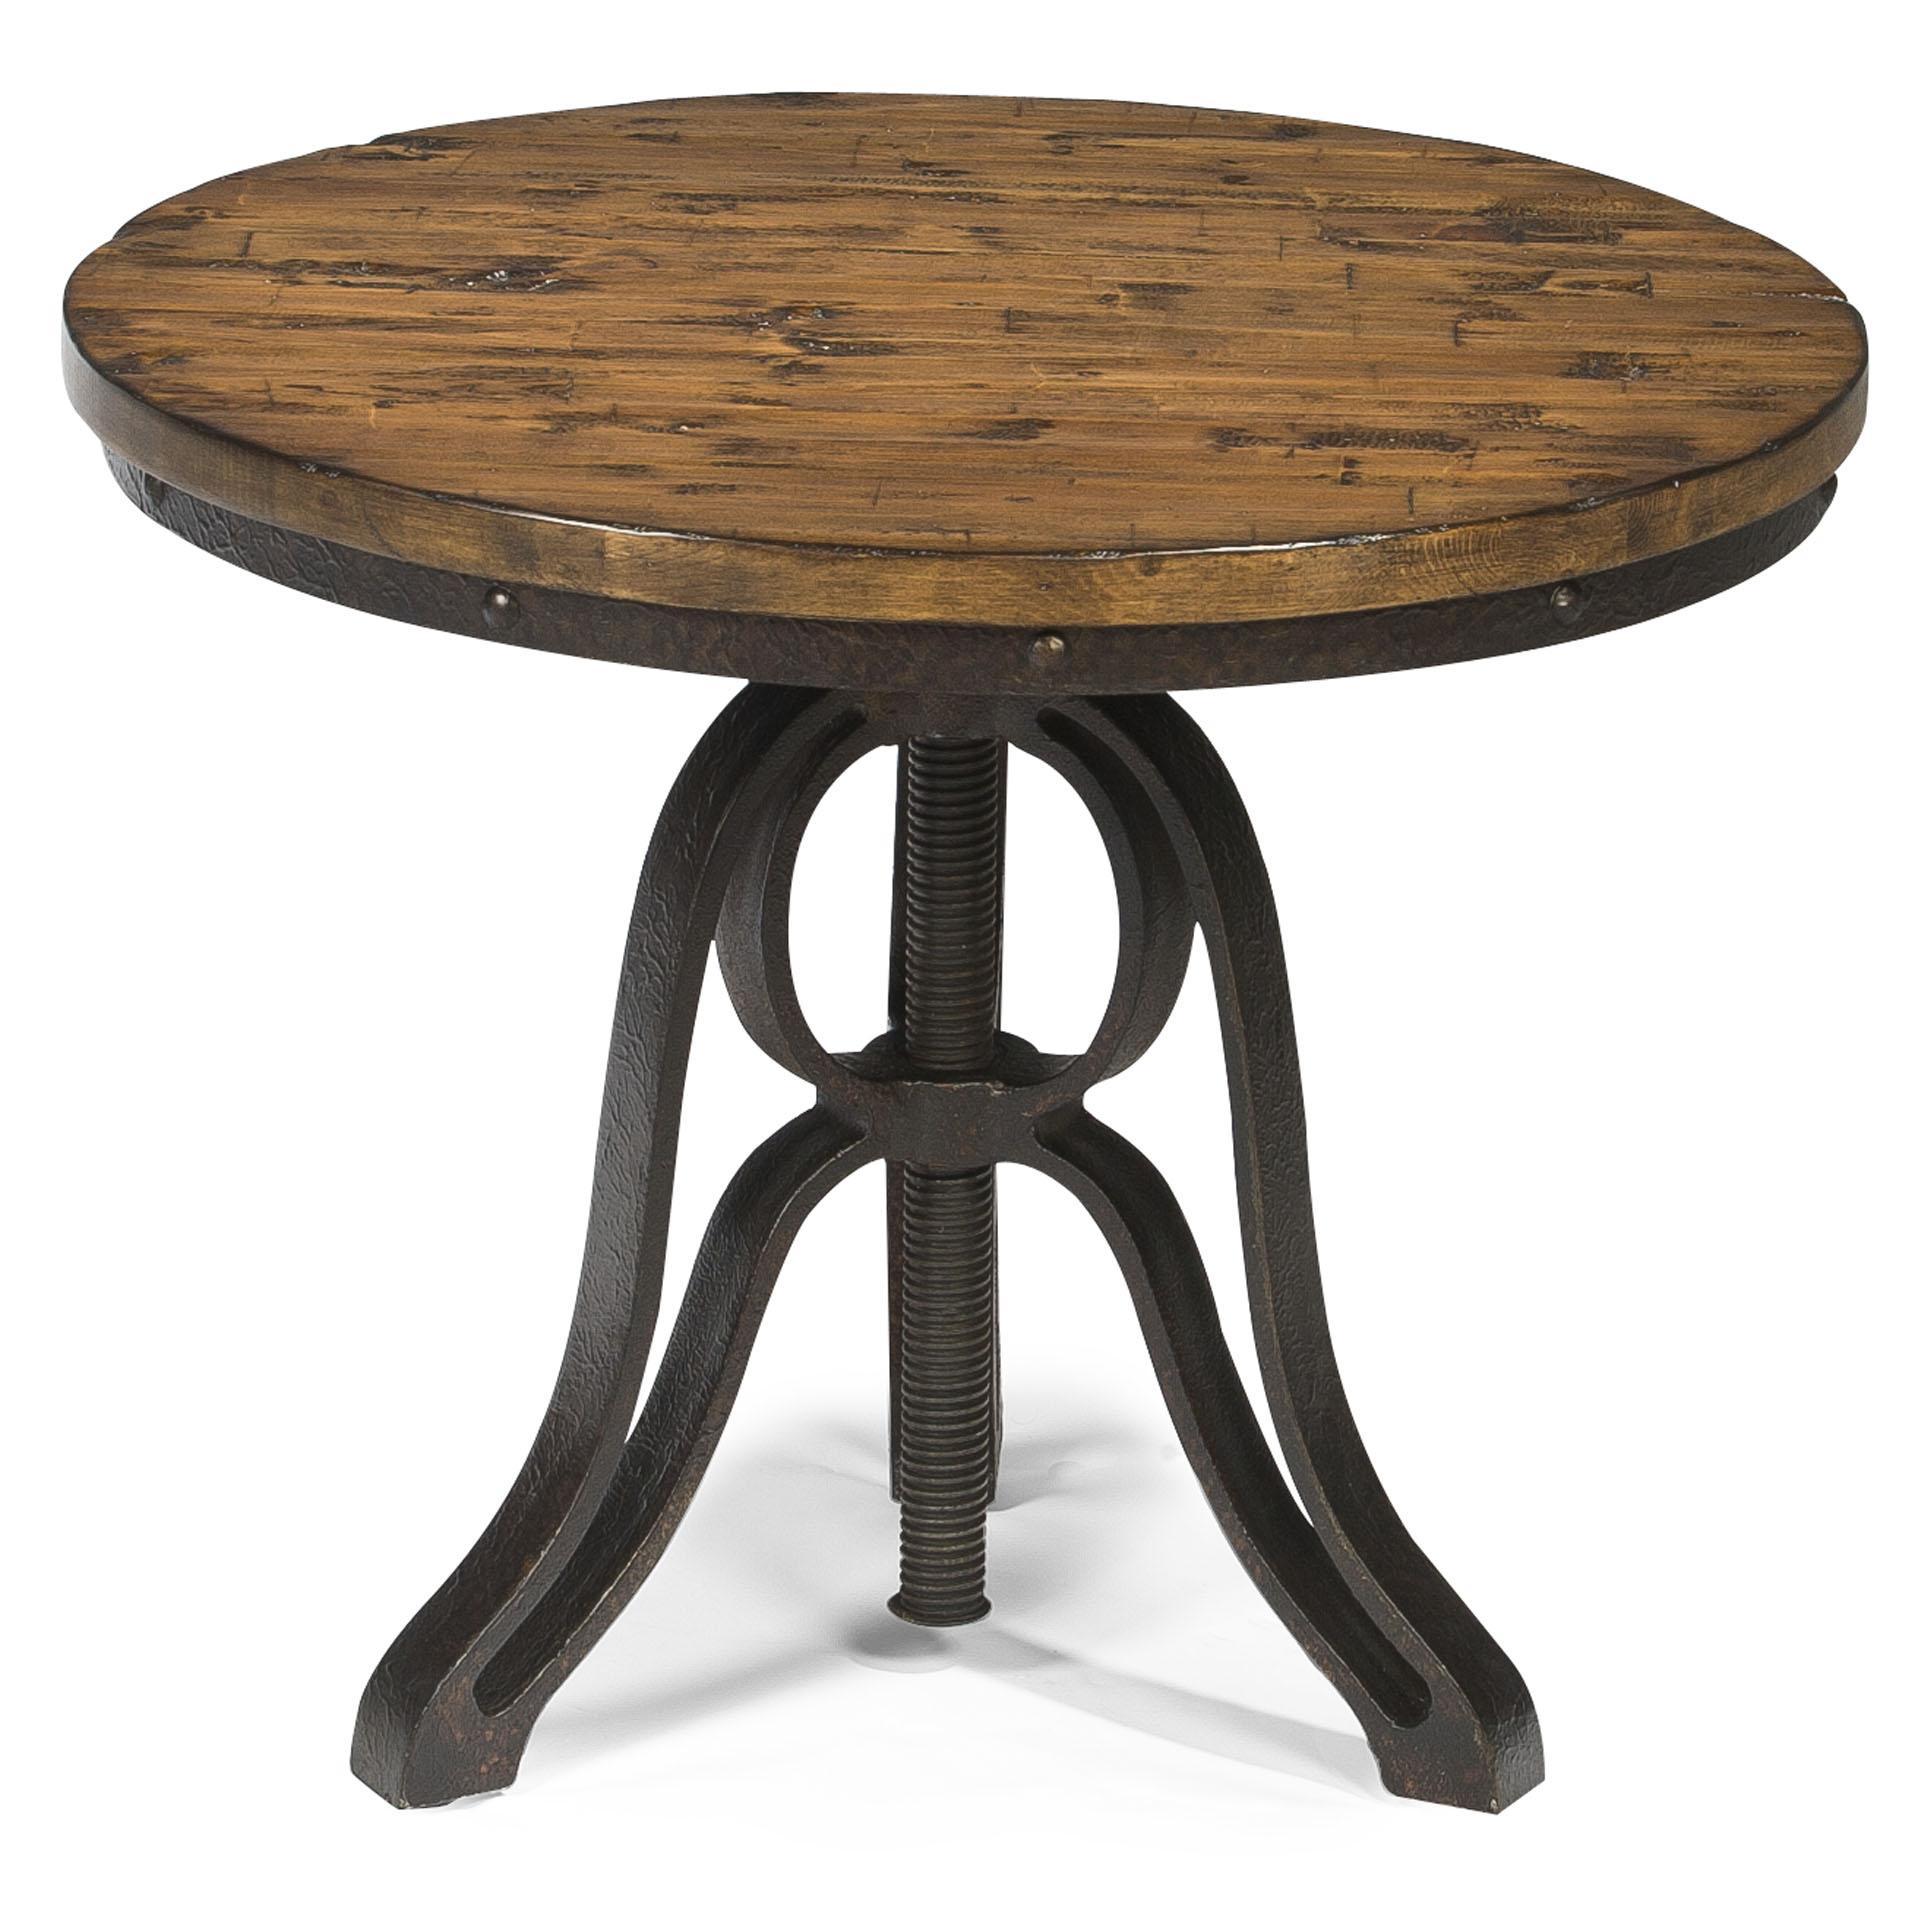 Gentil Magnussen Home RondellRound End Table